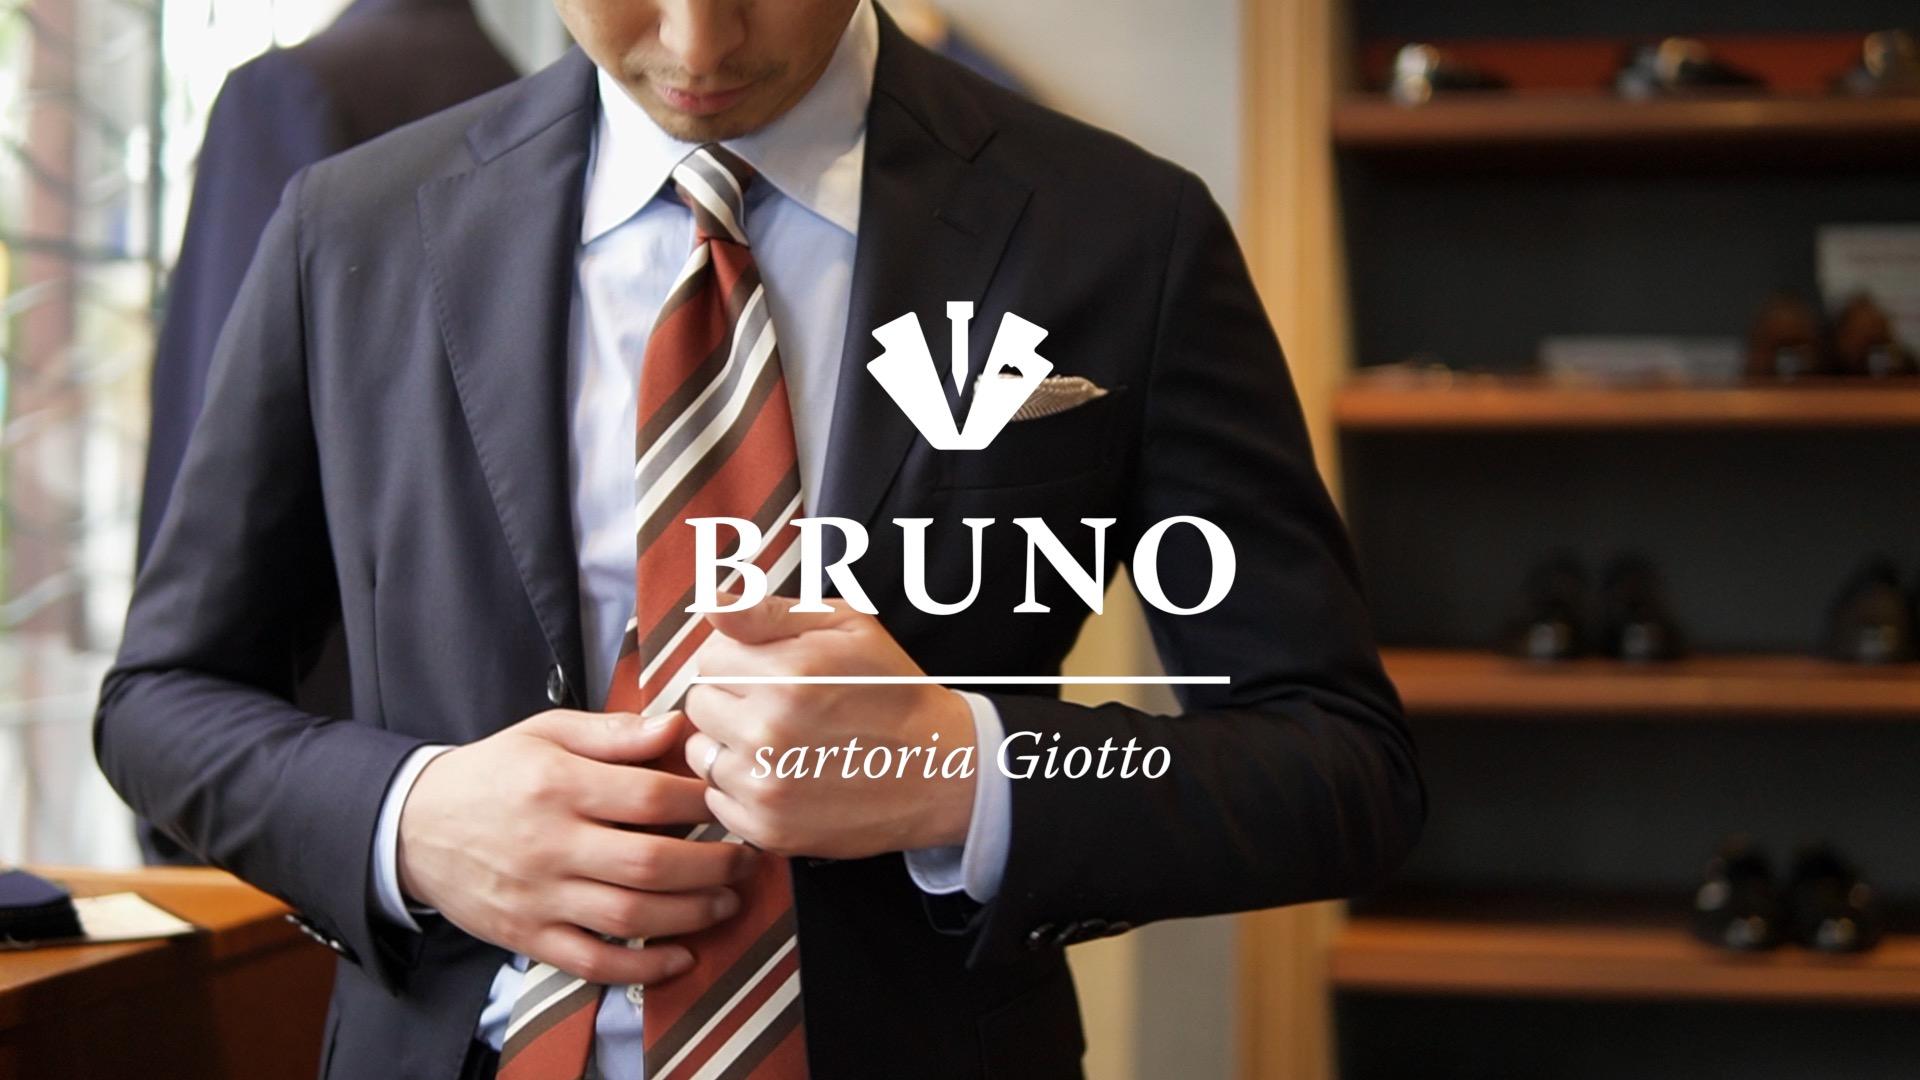 【撮影実績】BRUNO静岡オーダースーツショップ 株式会社ジオットさま